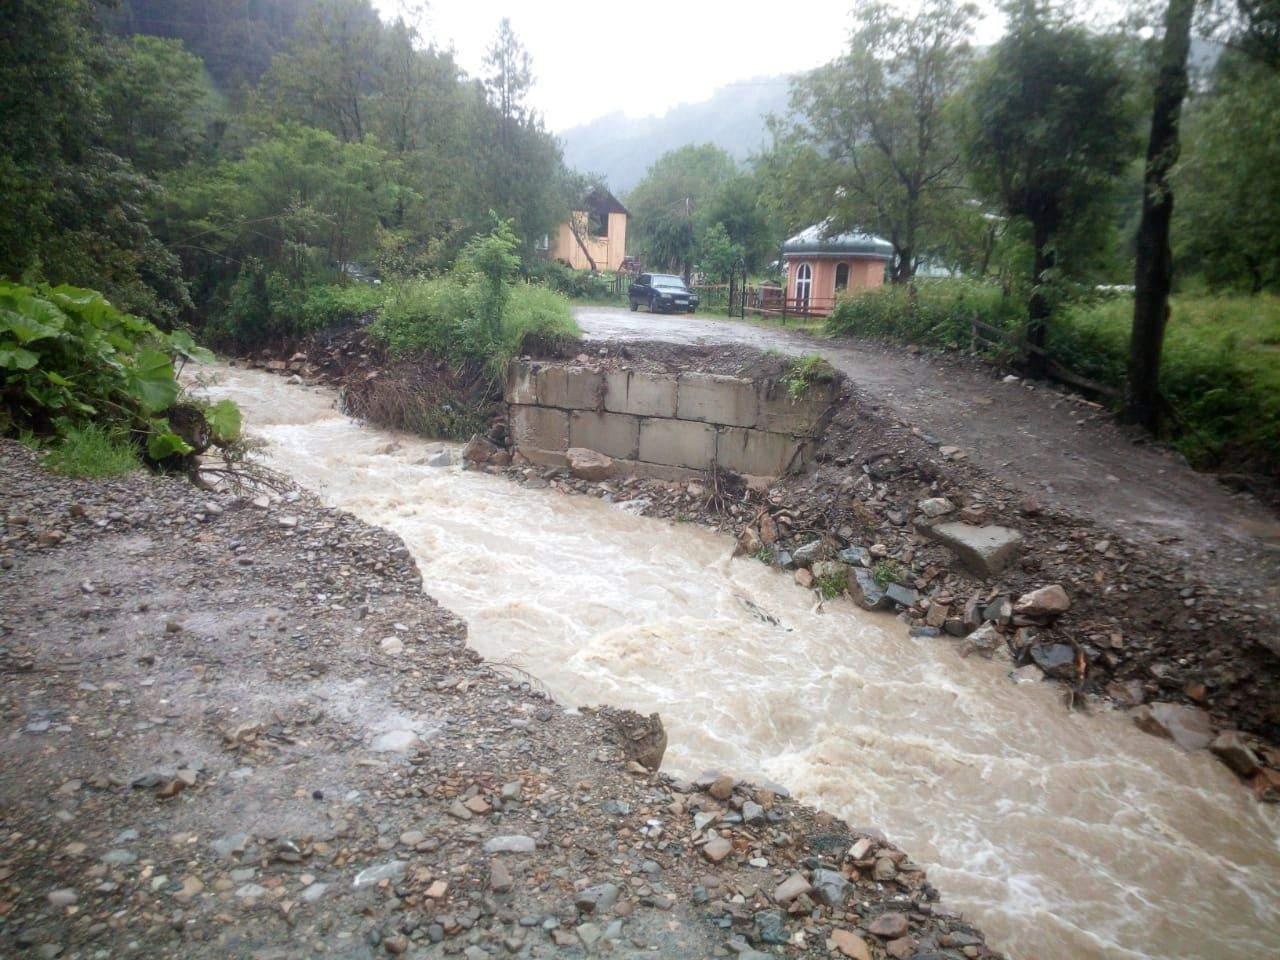 Через сильний дощ відсутнє транспортне сполучення до прикарпатських сіл